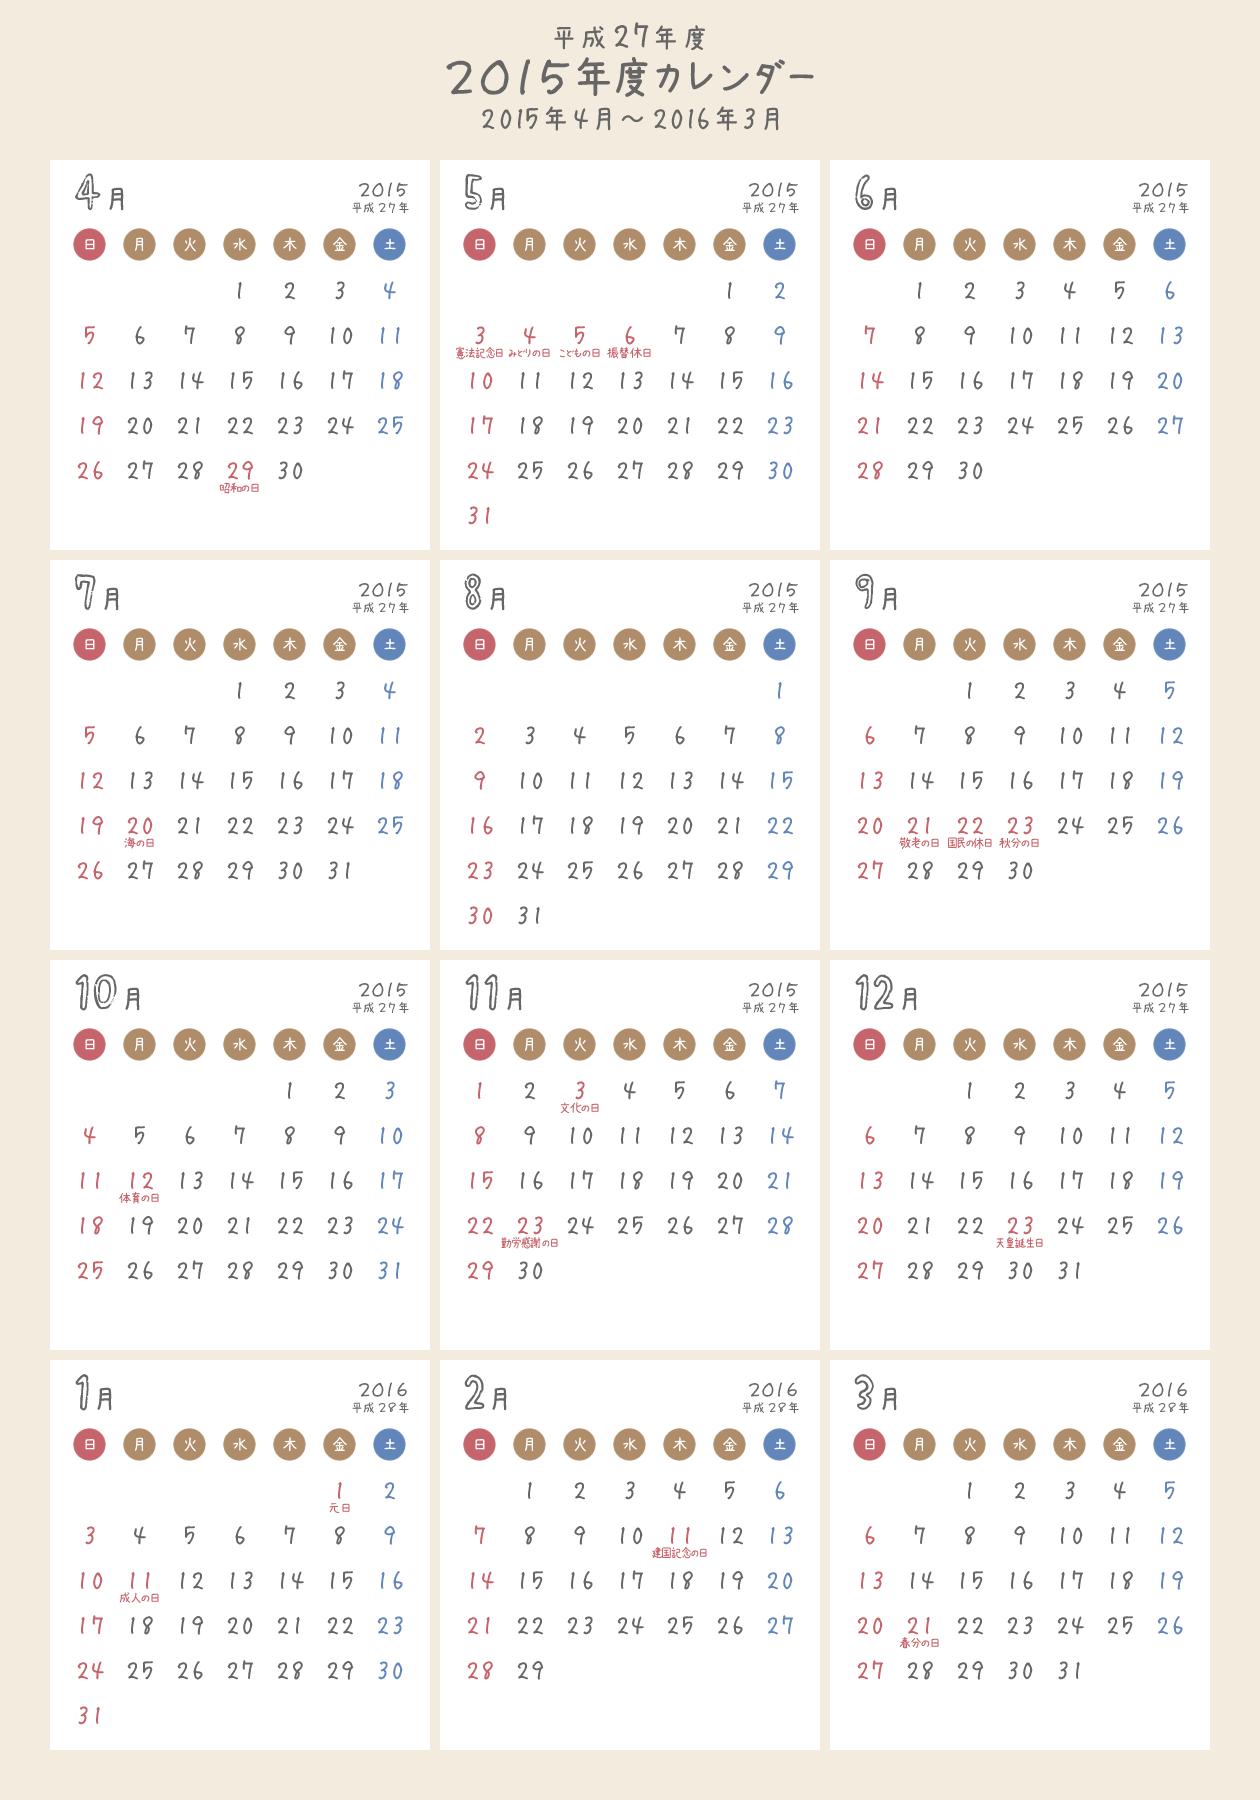 カレンダー カレンダー 2015 かわいい : カレンダー 2015 年間 | 面白い ...